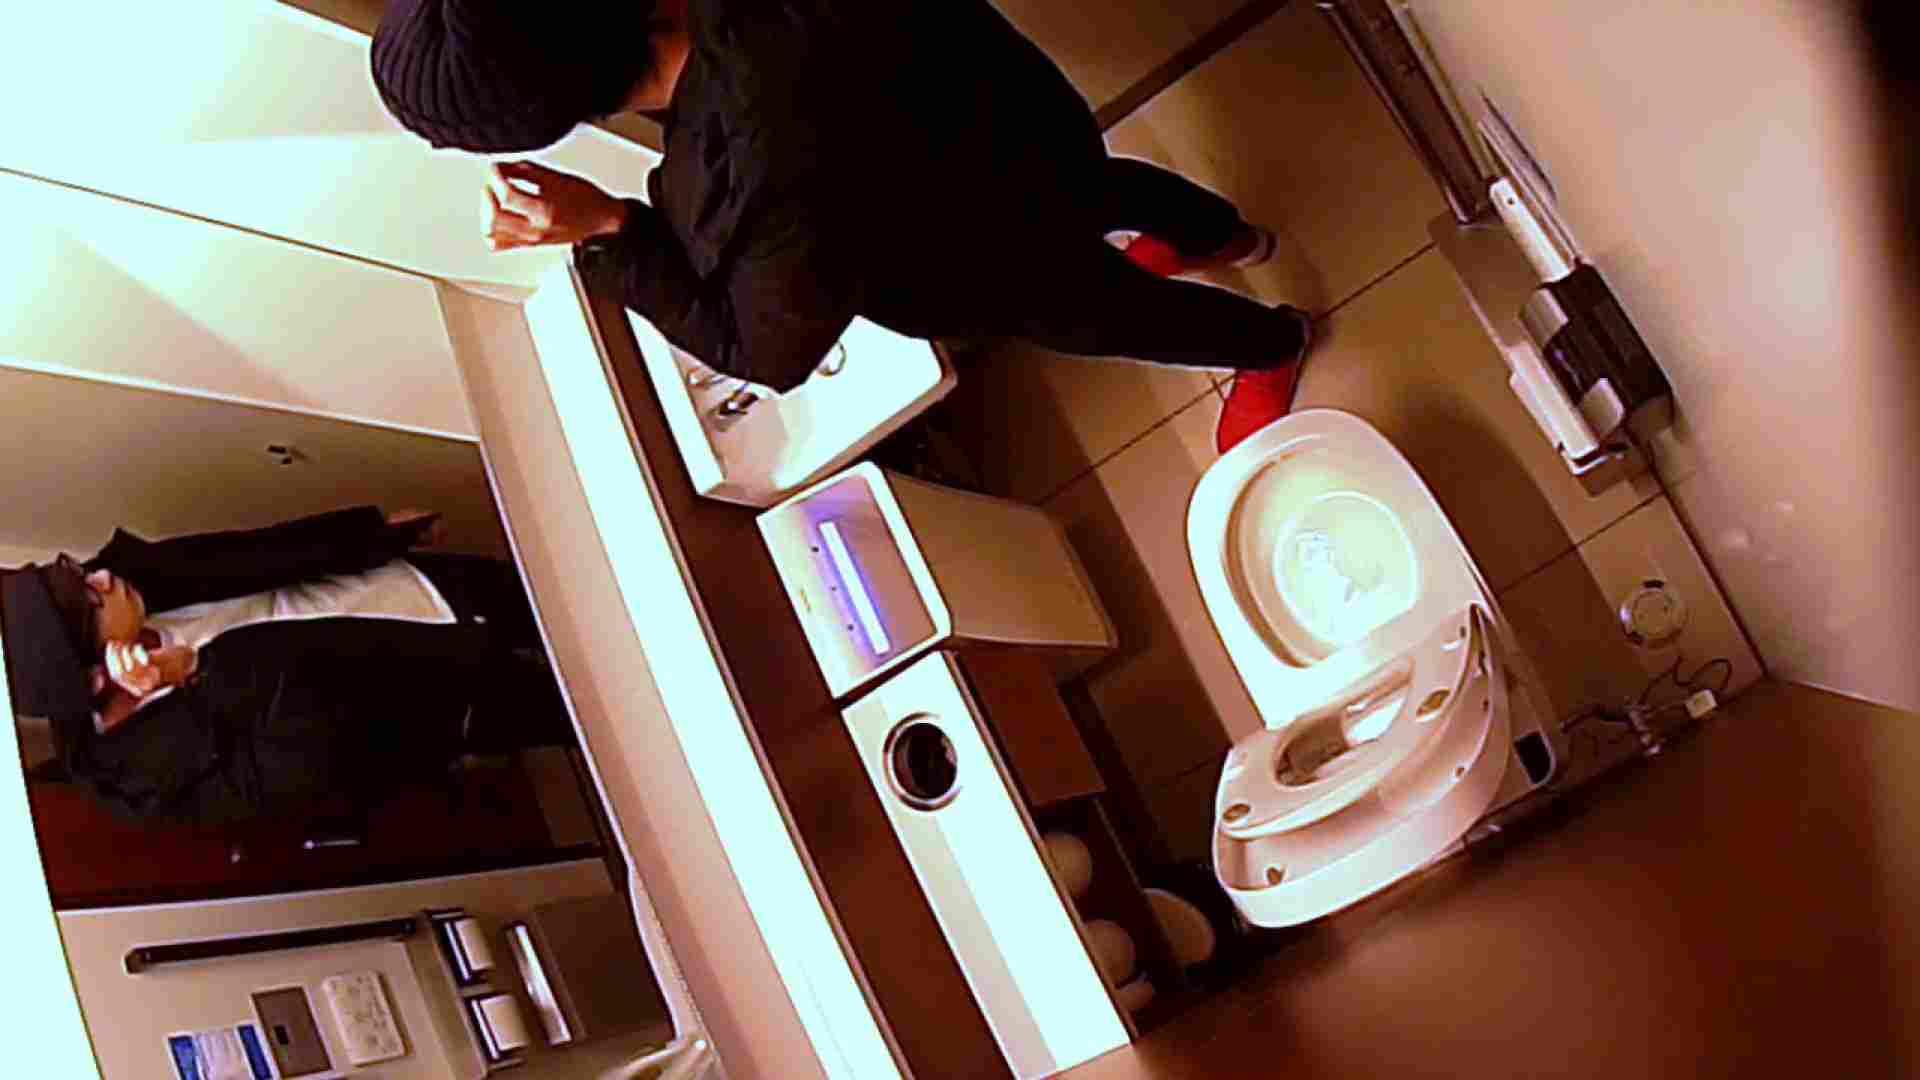 イケメンの素顔in洗面所 Vol.11 イケメンのsex | ノンケボーイズ  60pic 55